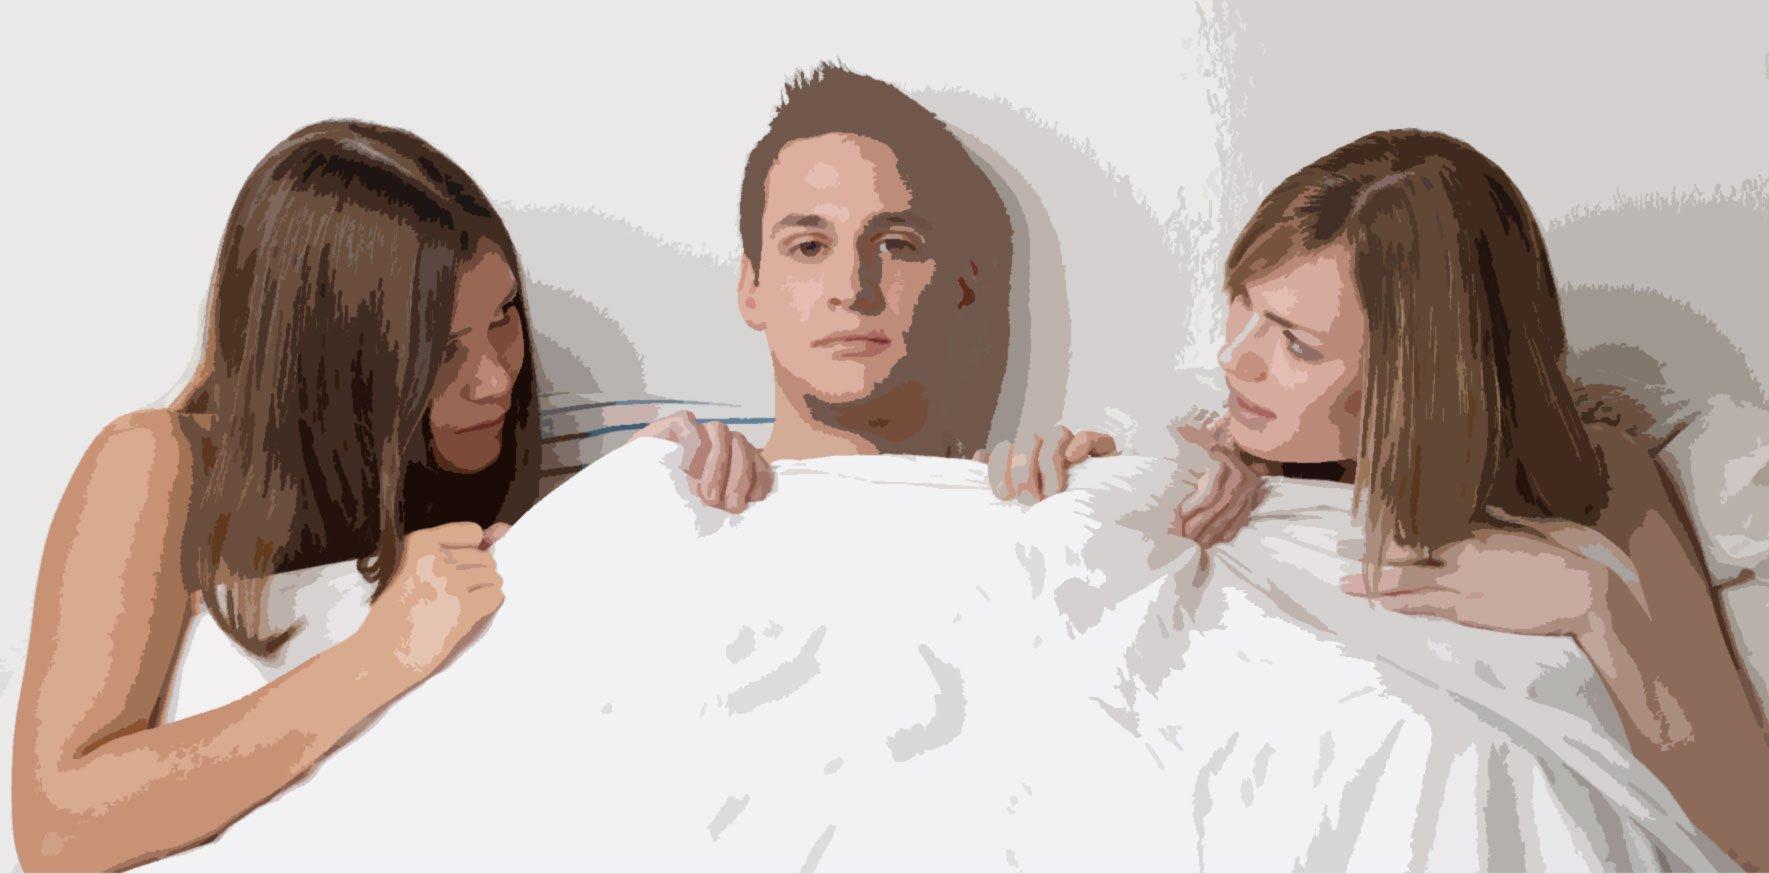 Две девушки один парень секс видео русское — pic 2